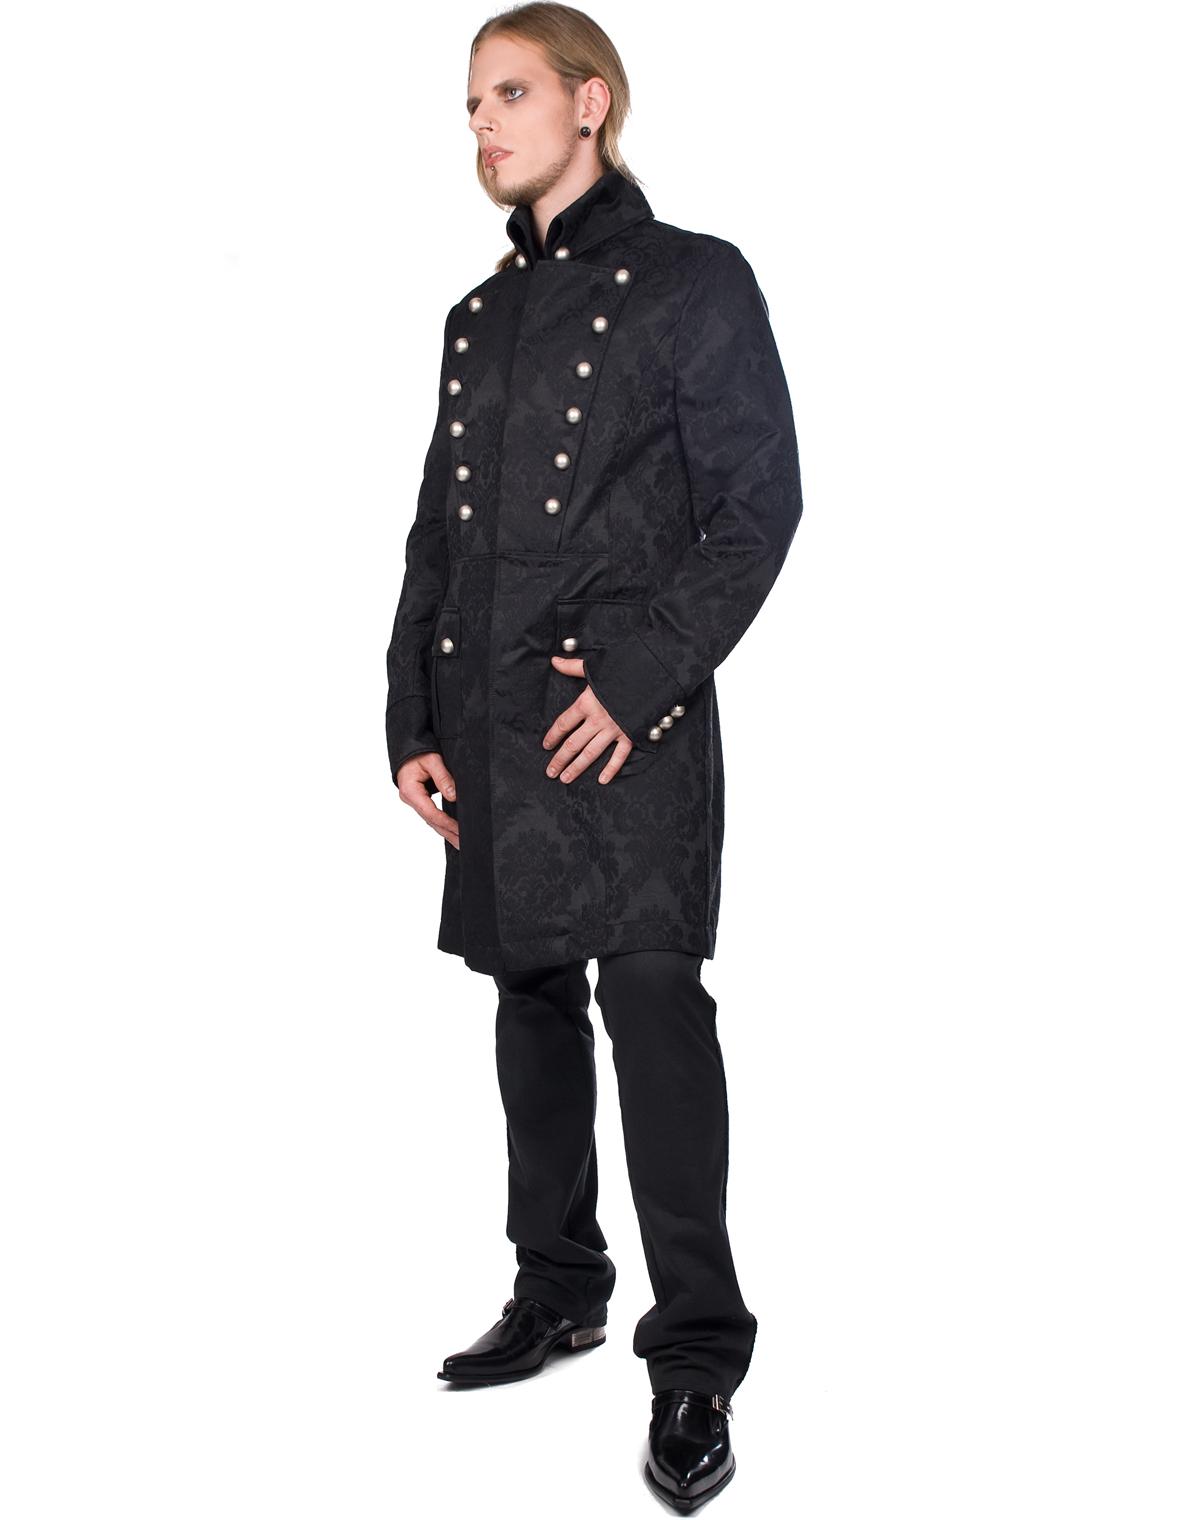 Aderlass Admiral Coat